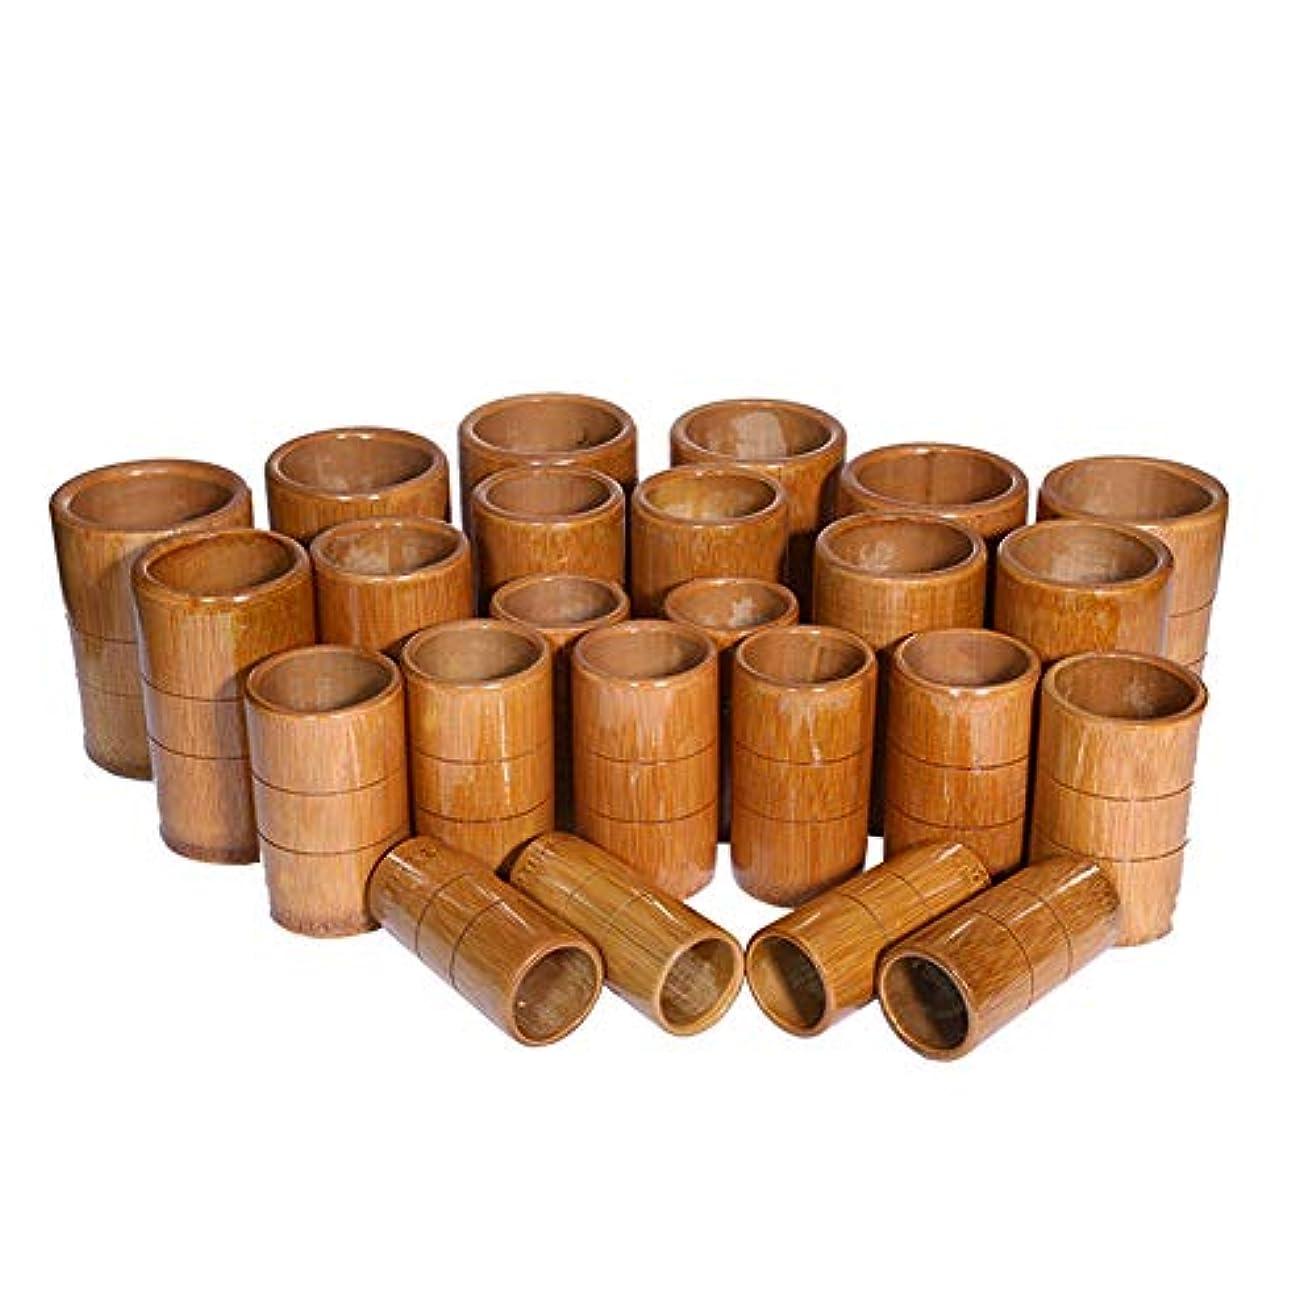 不利益事実第二カッピング竹療法セットマッサージ真空カップキット - 炭缶鍼灸医療吸引セット,A10pcs